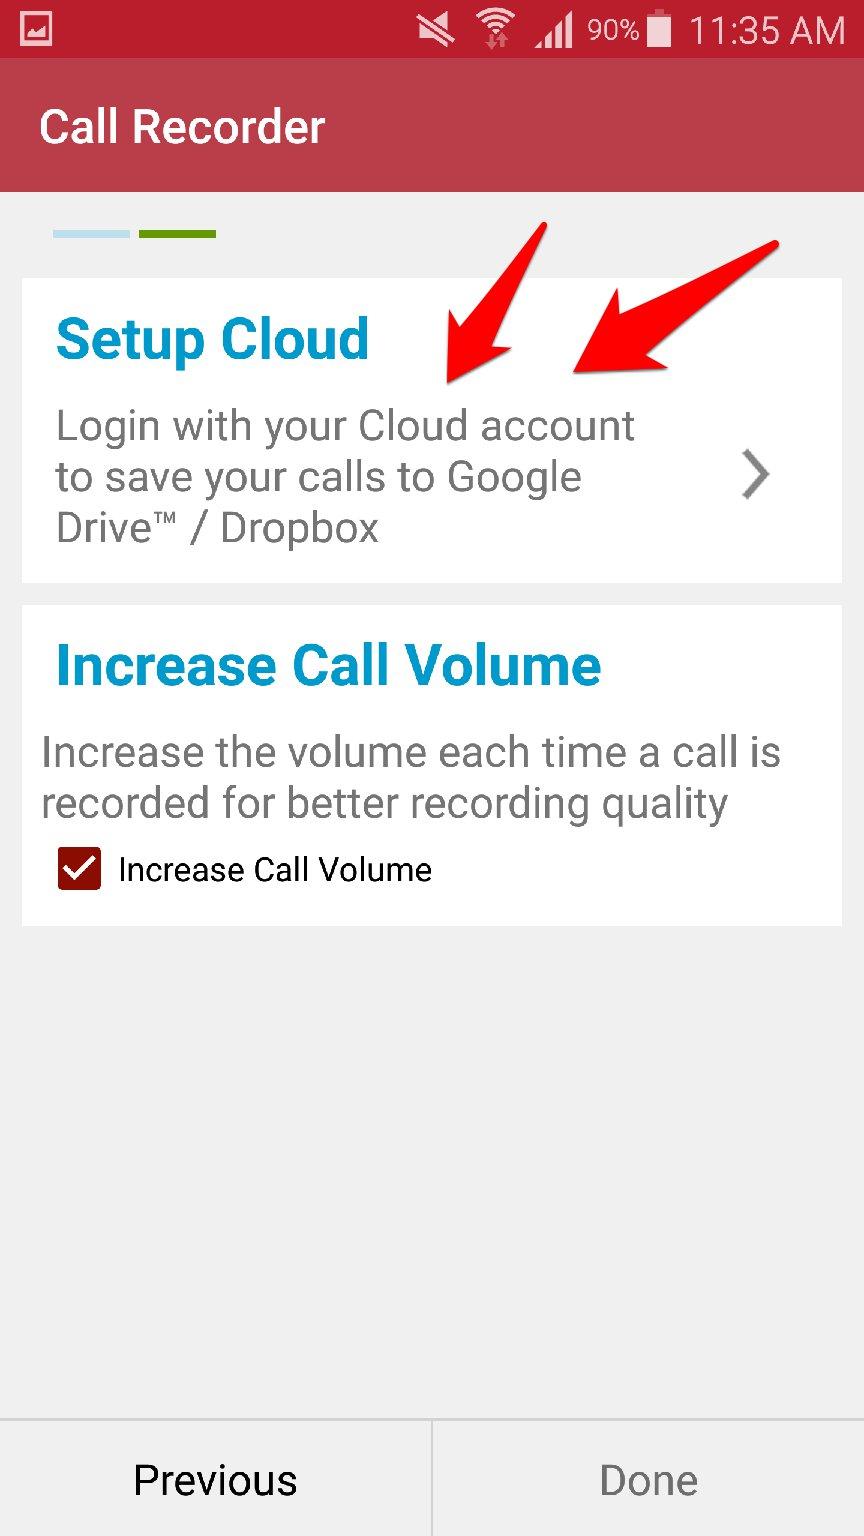 افضل تطبيق تسجيل مكالمات مجاني للاندرويد Automatic Call Recorder   بحرية درويد